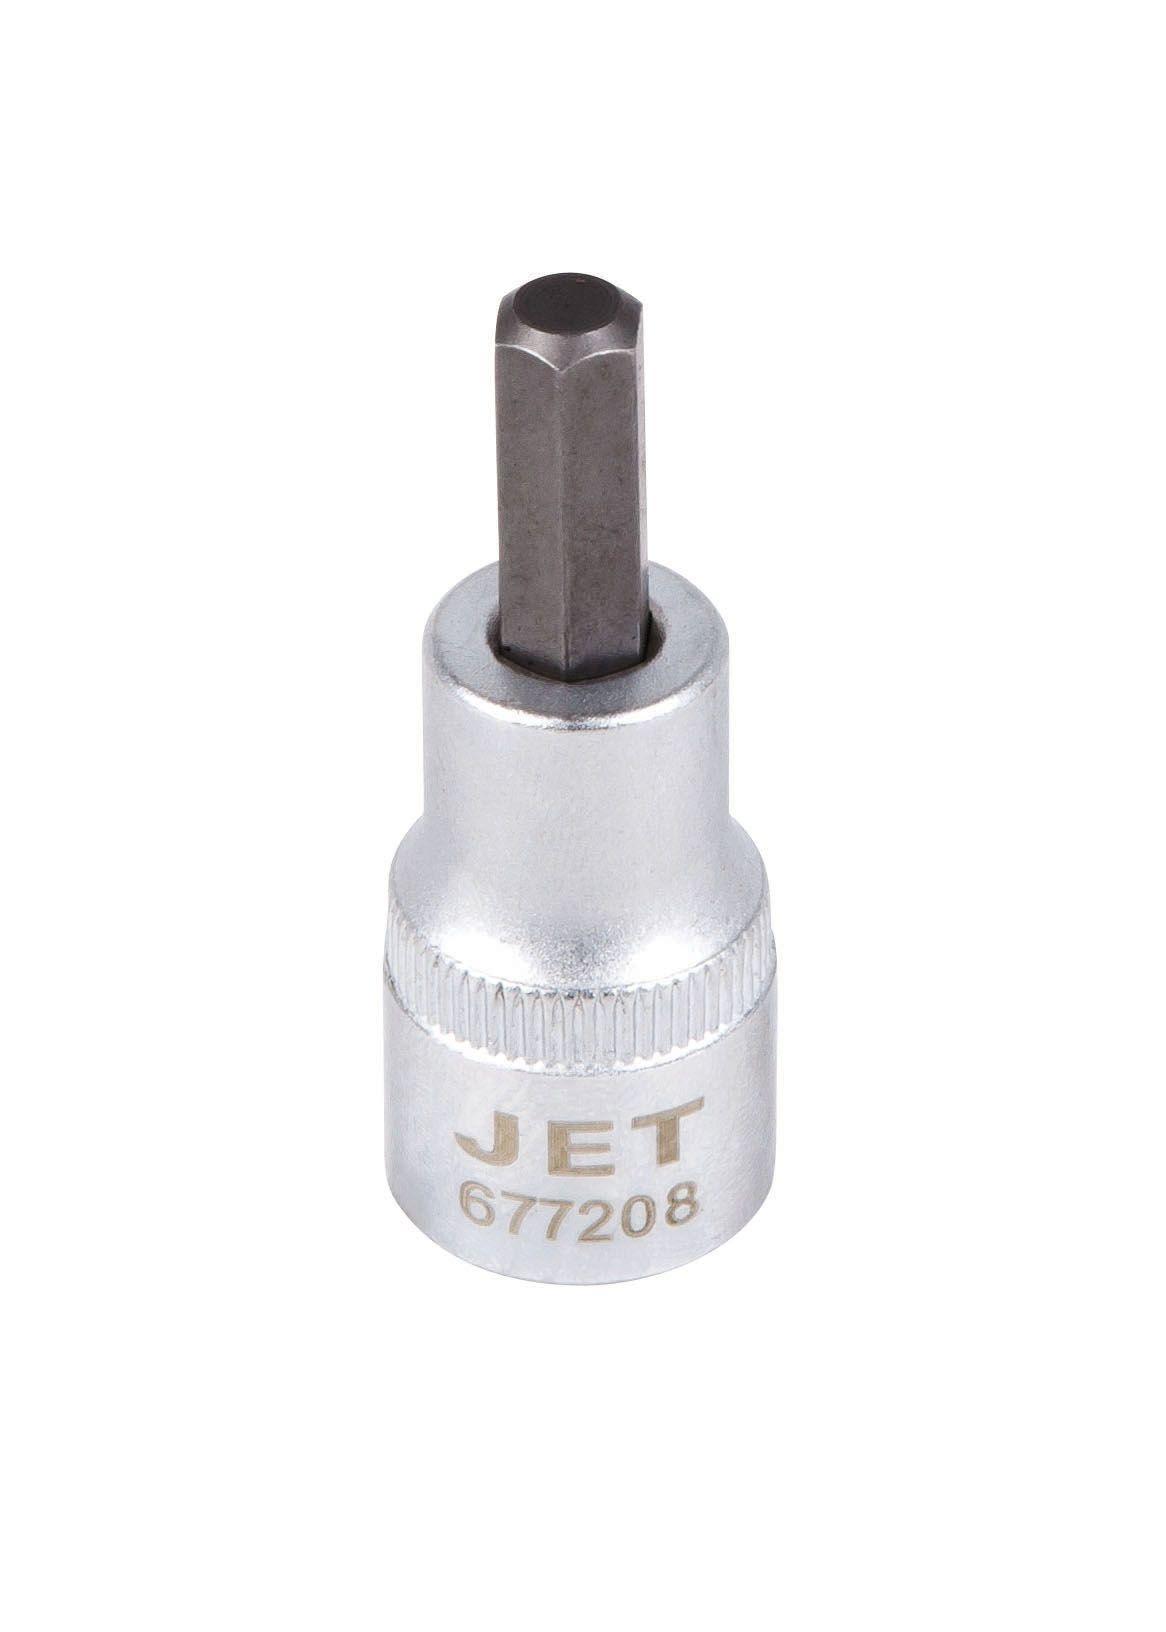 Jet 677255 Douille hexagonale 5mm à prise 3/8